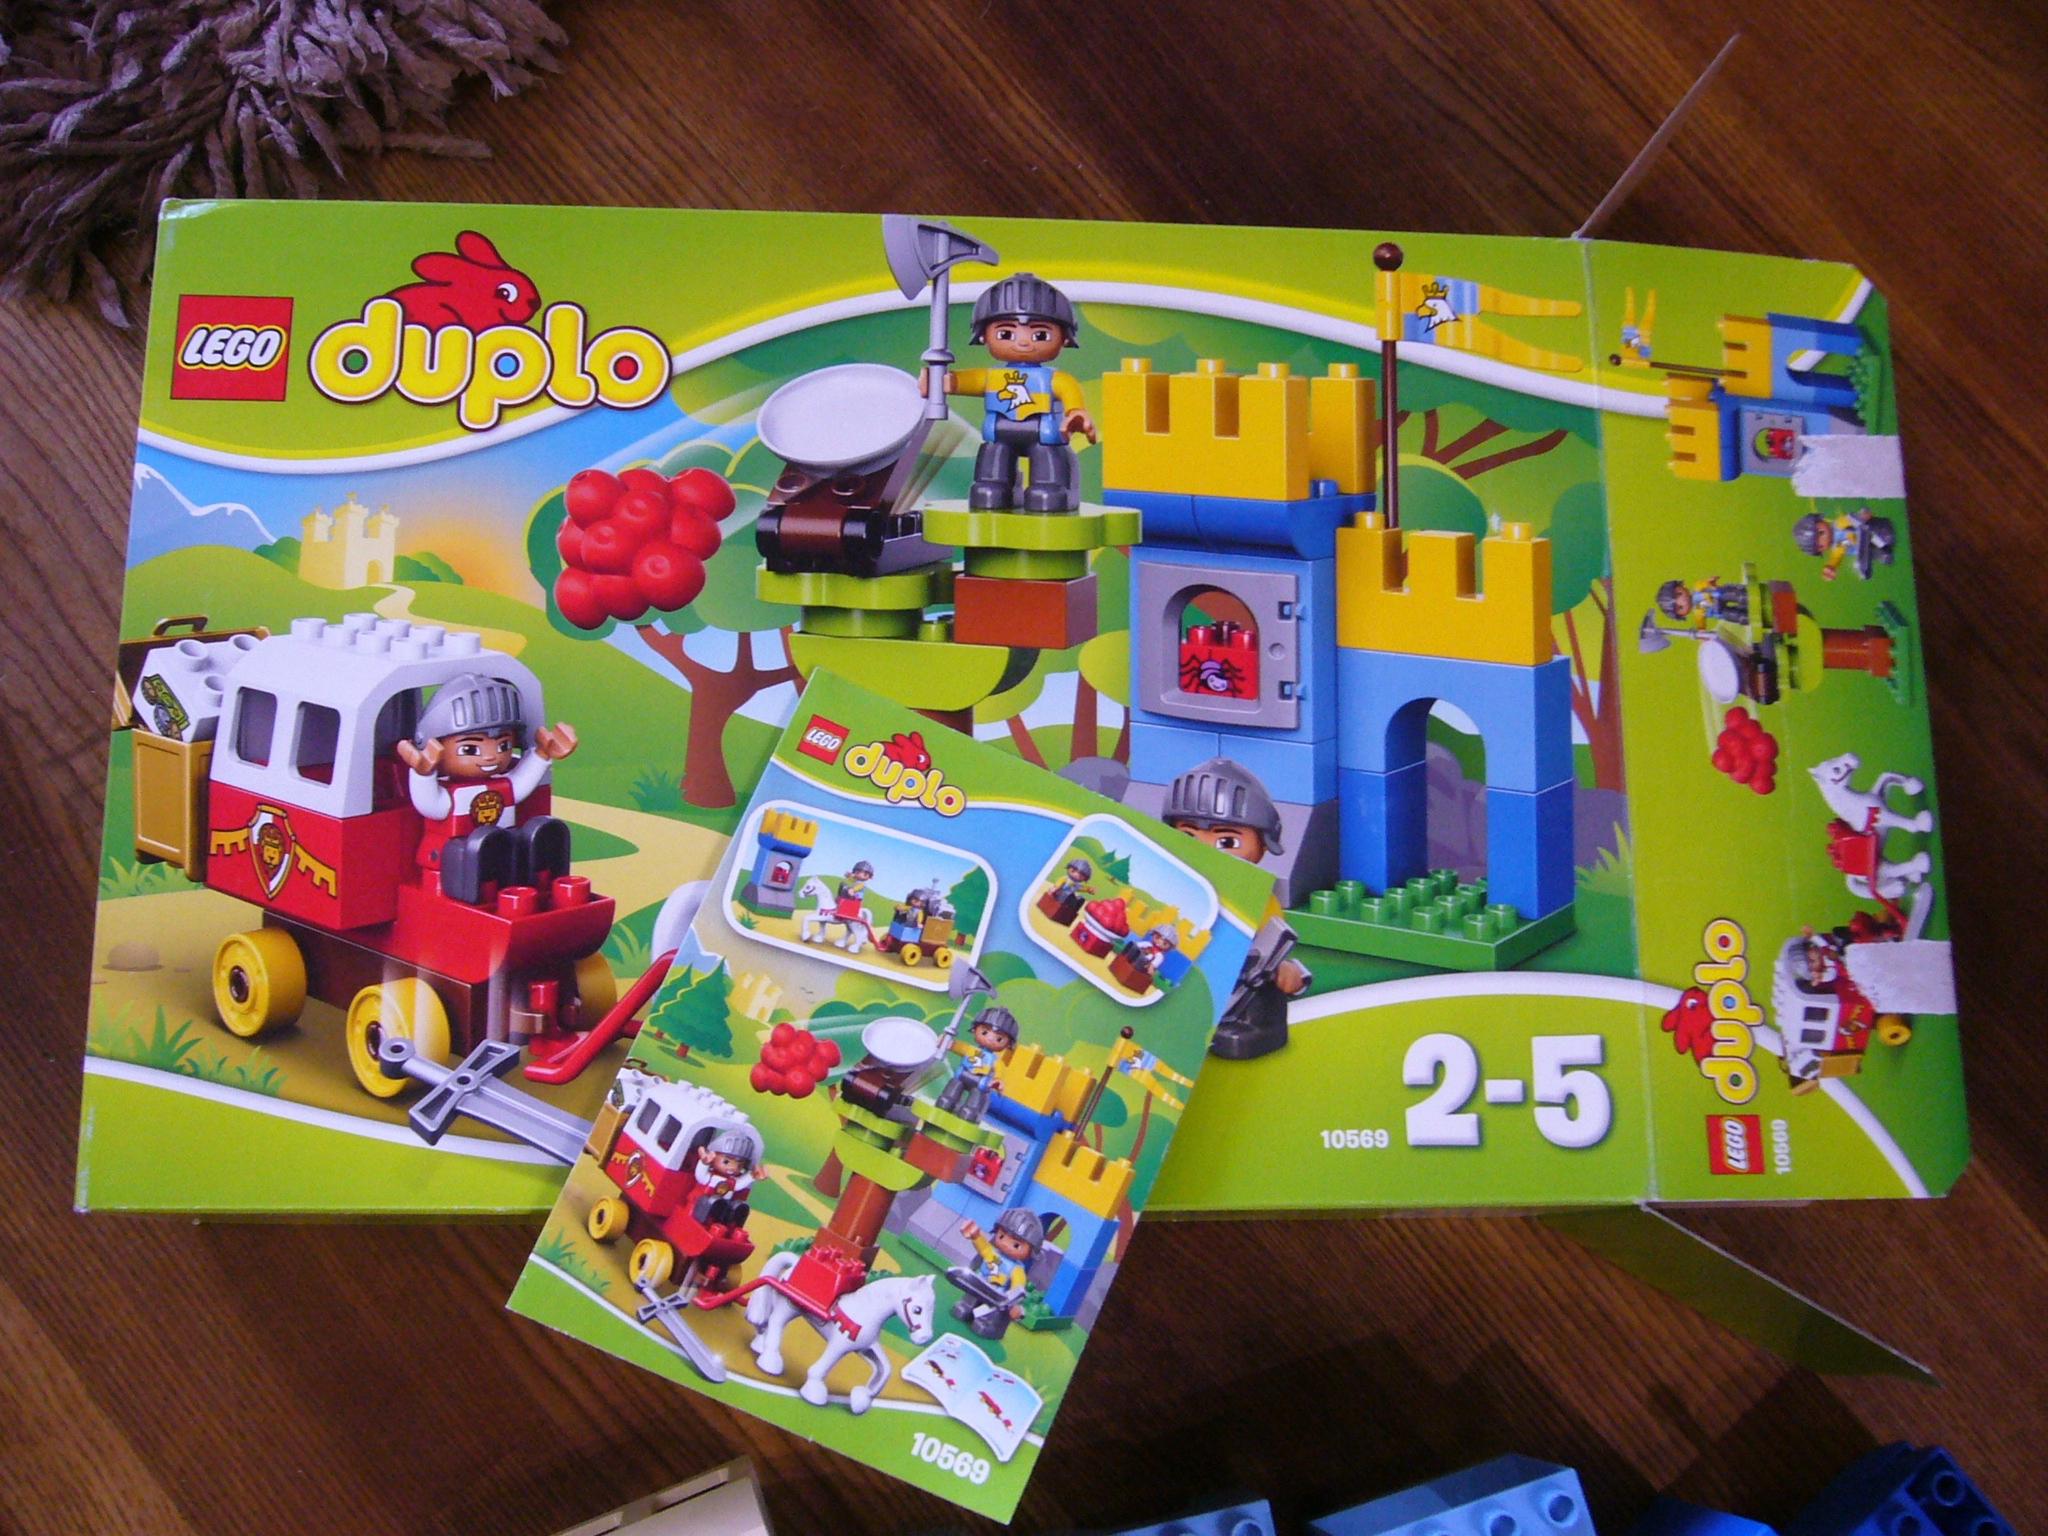 Klocki Lego Duplo 10569 Wielki Skarb Zamek Powóz 7655974437